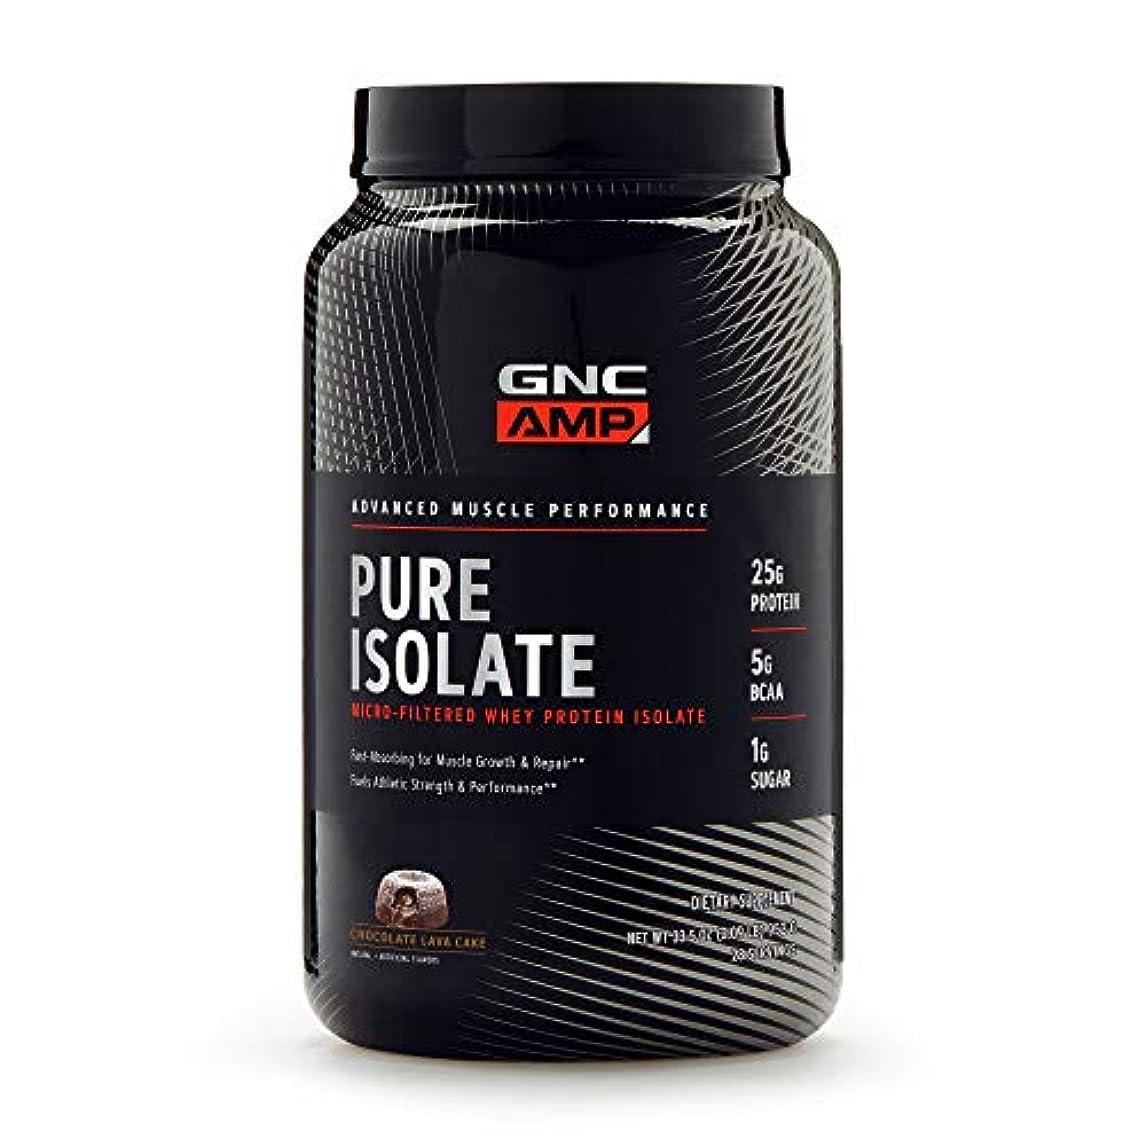 満たす条件付きカスタム[GNC AMP] ピュアセアスト、チョコレート溶岩ケーキ、燃料運動強度とパフォーマンス 952g [PURE ISOLATE]